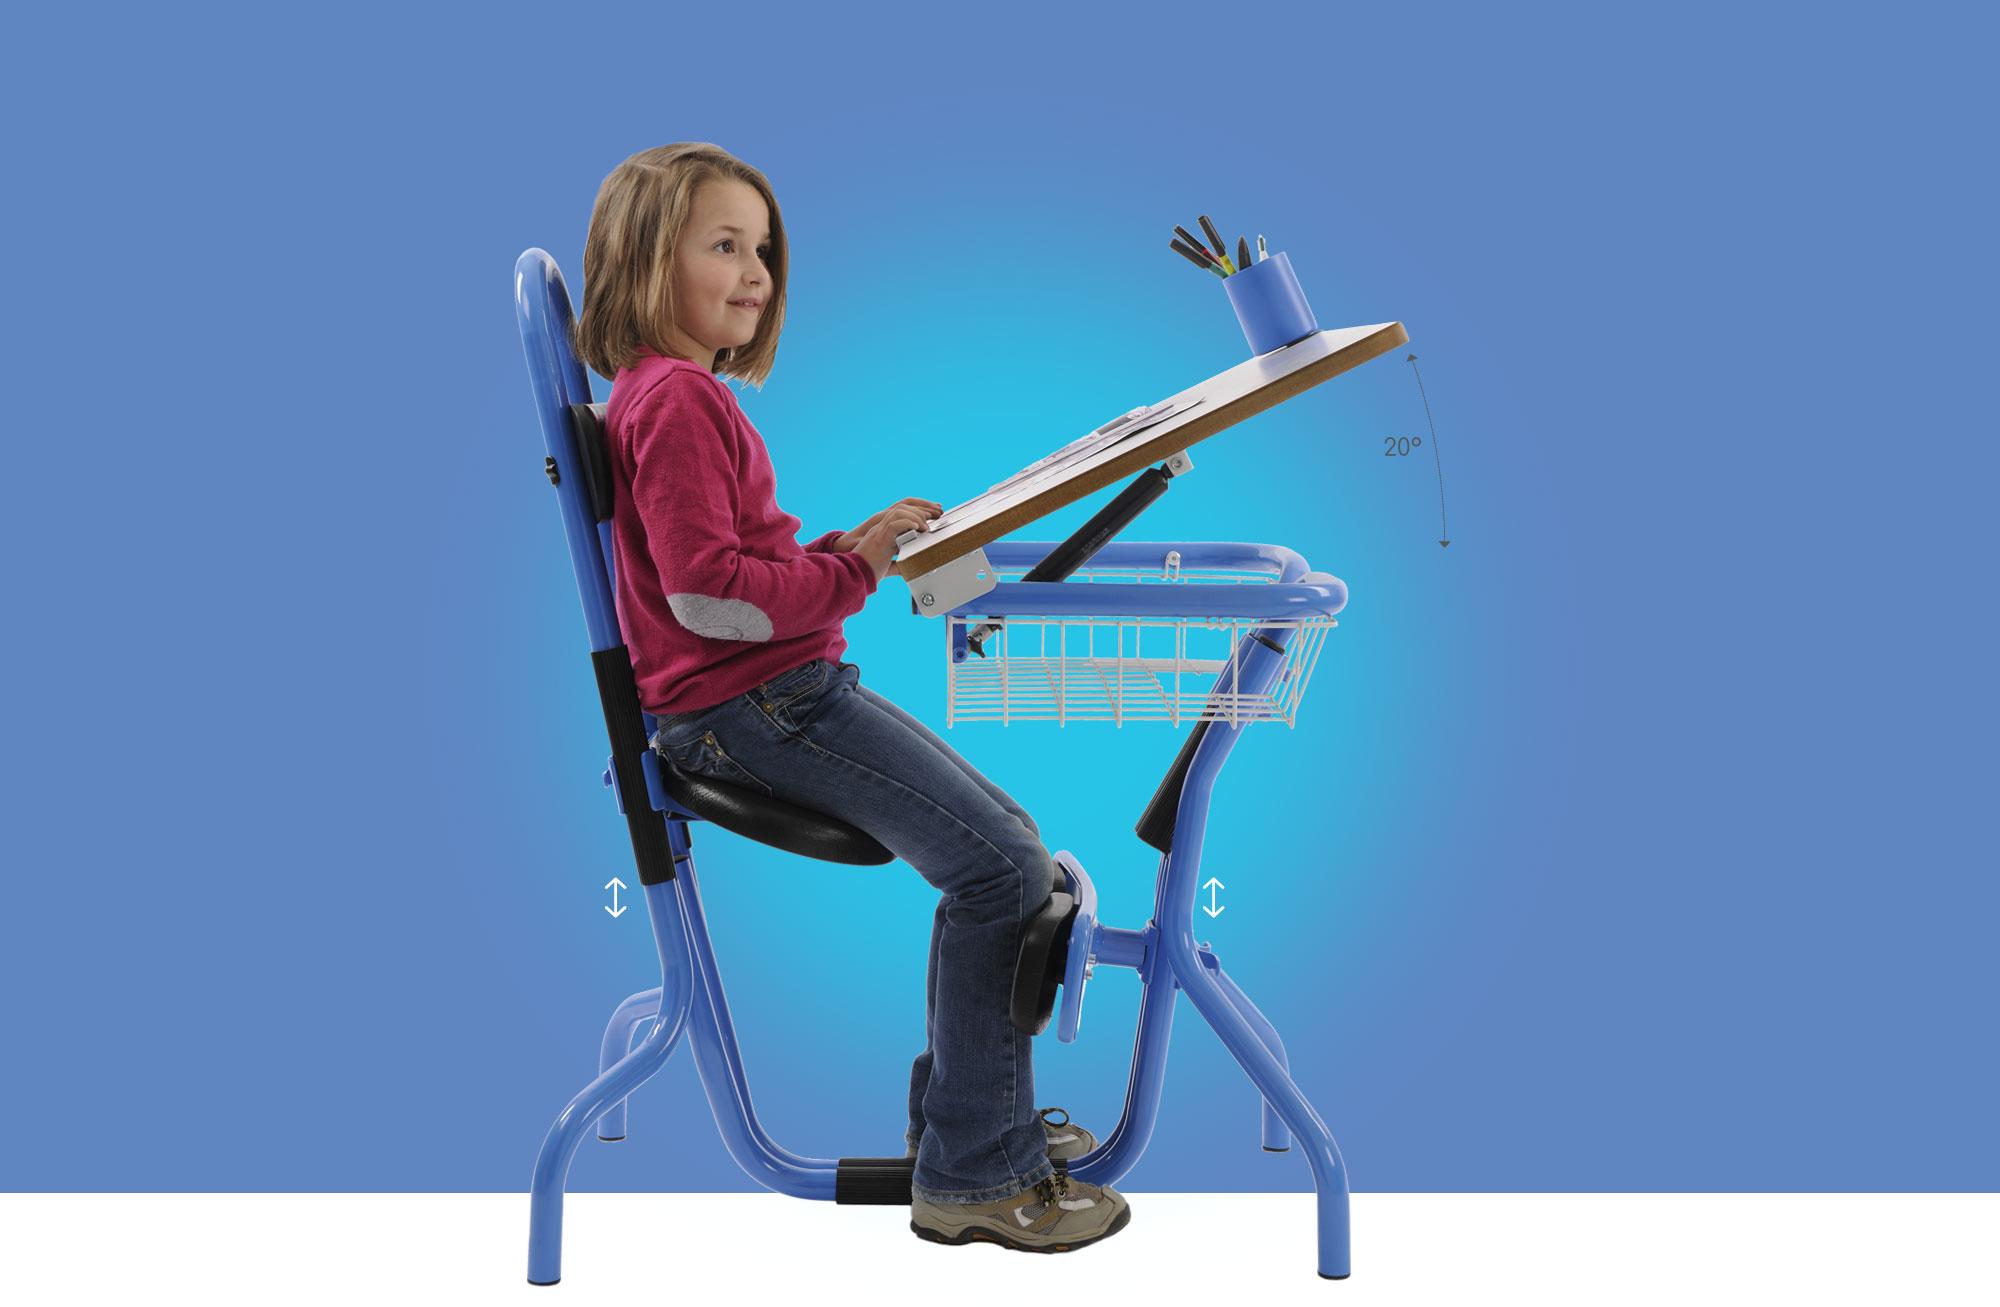 Hephaïstos mobilier scolaire ergonomique table siège de bureau